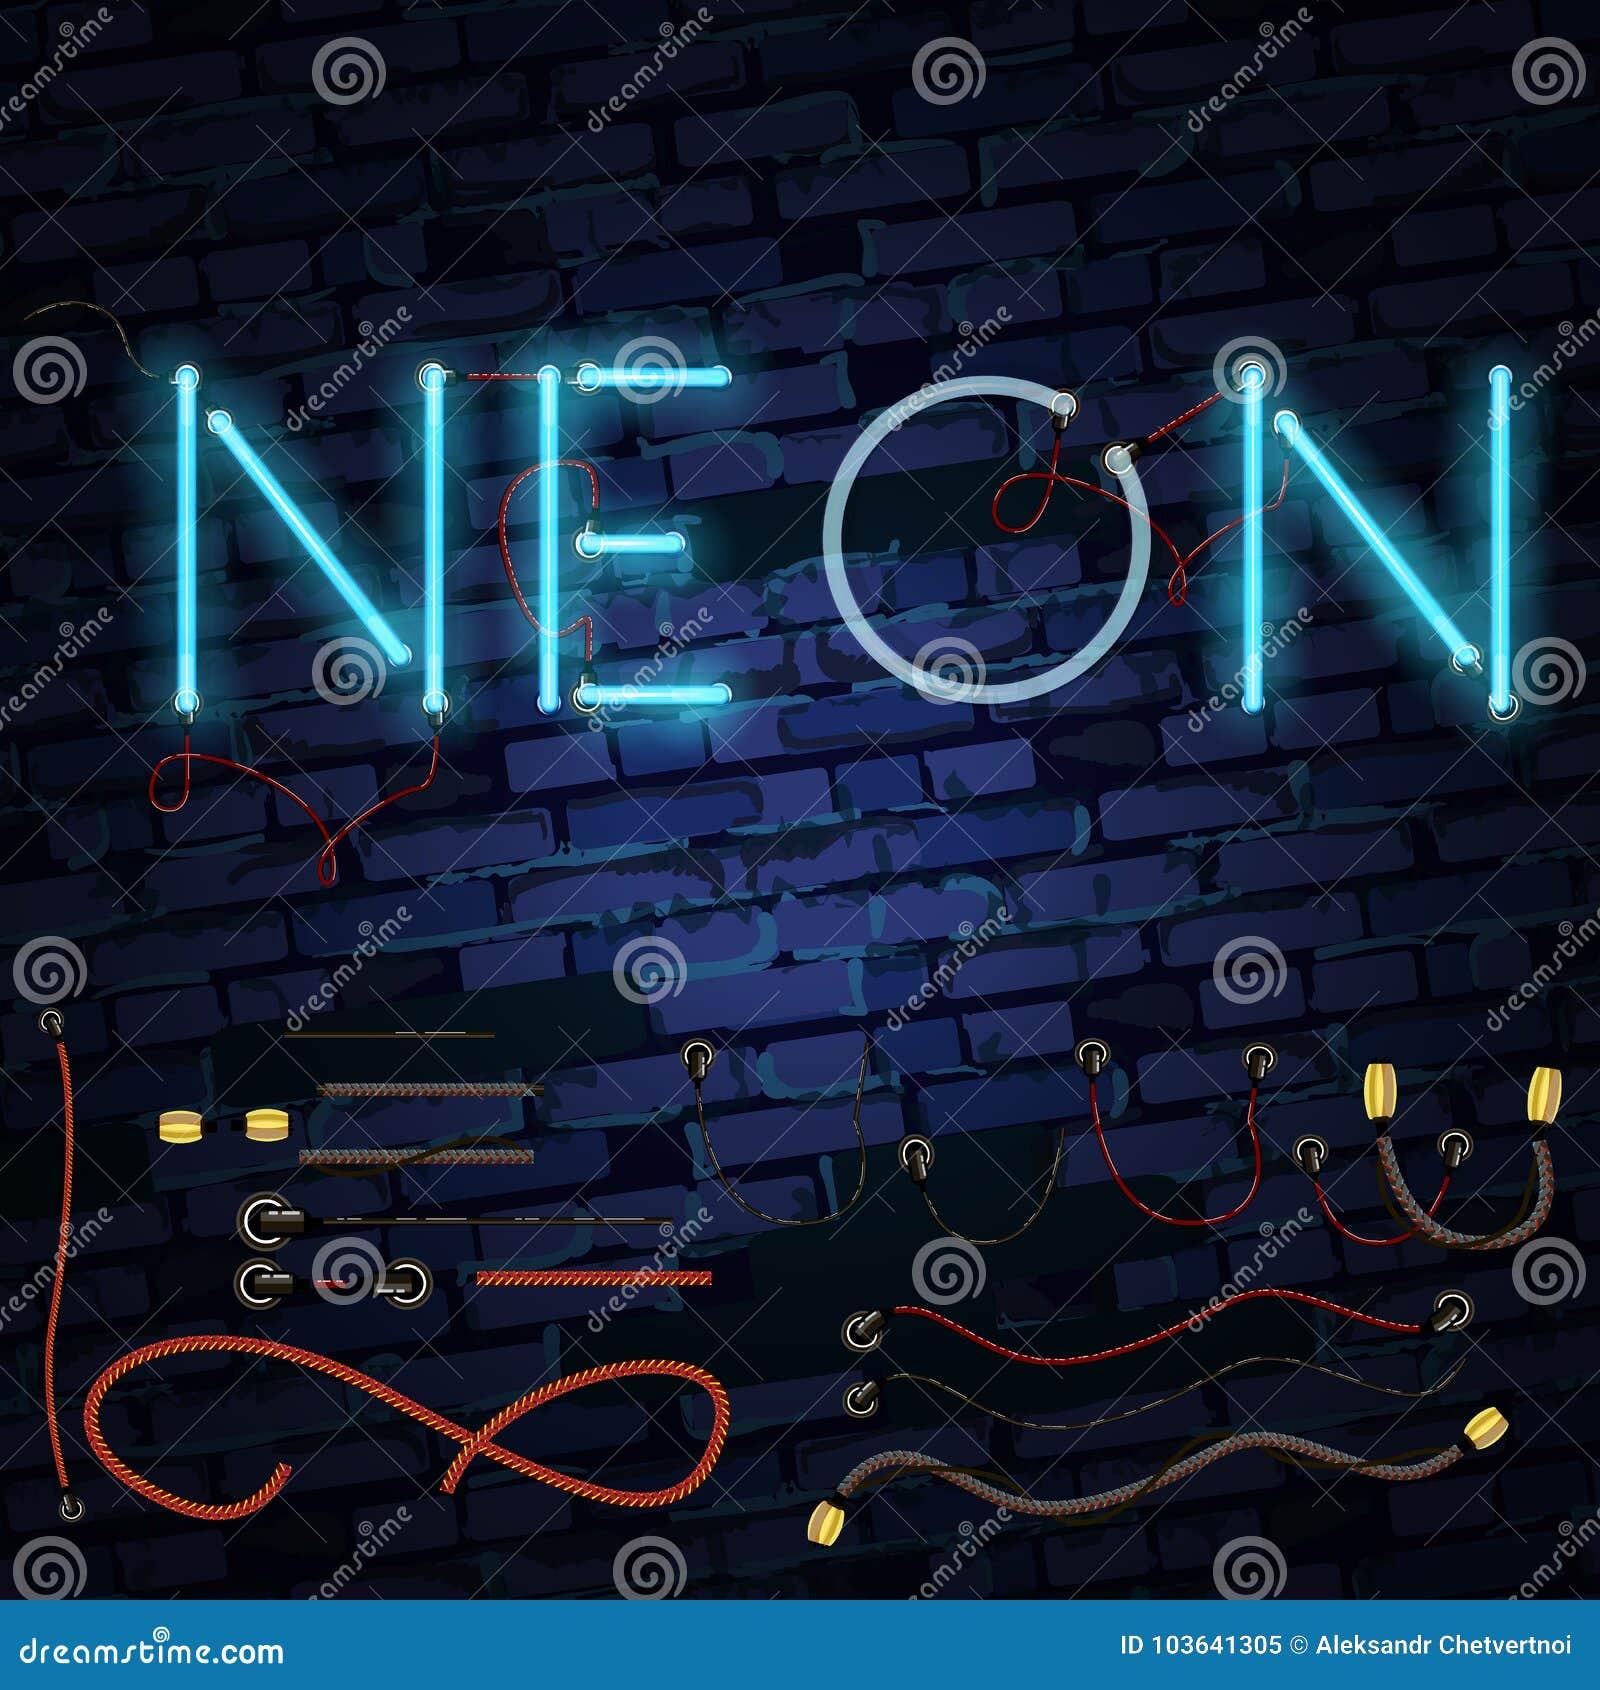 Реалистический неоновый алфавит накалять купели все любые могут различные легко редактируемые графики формы индивидуально наслаив